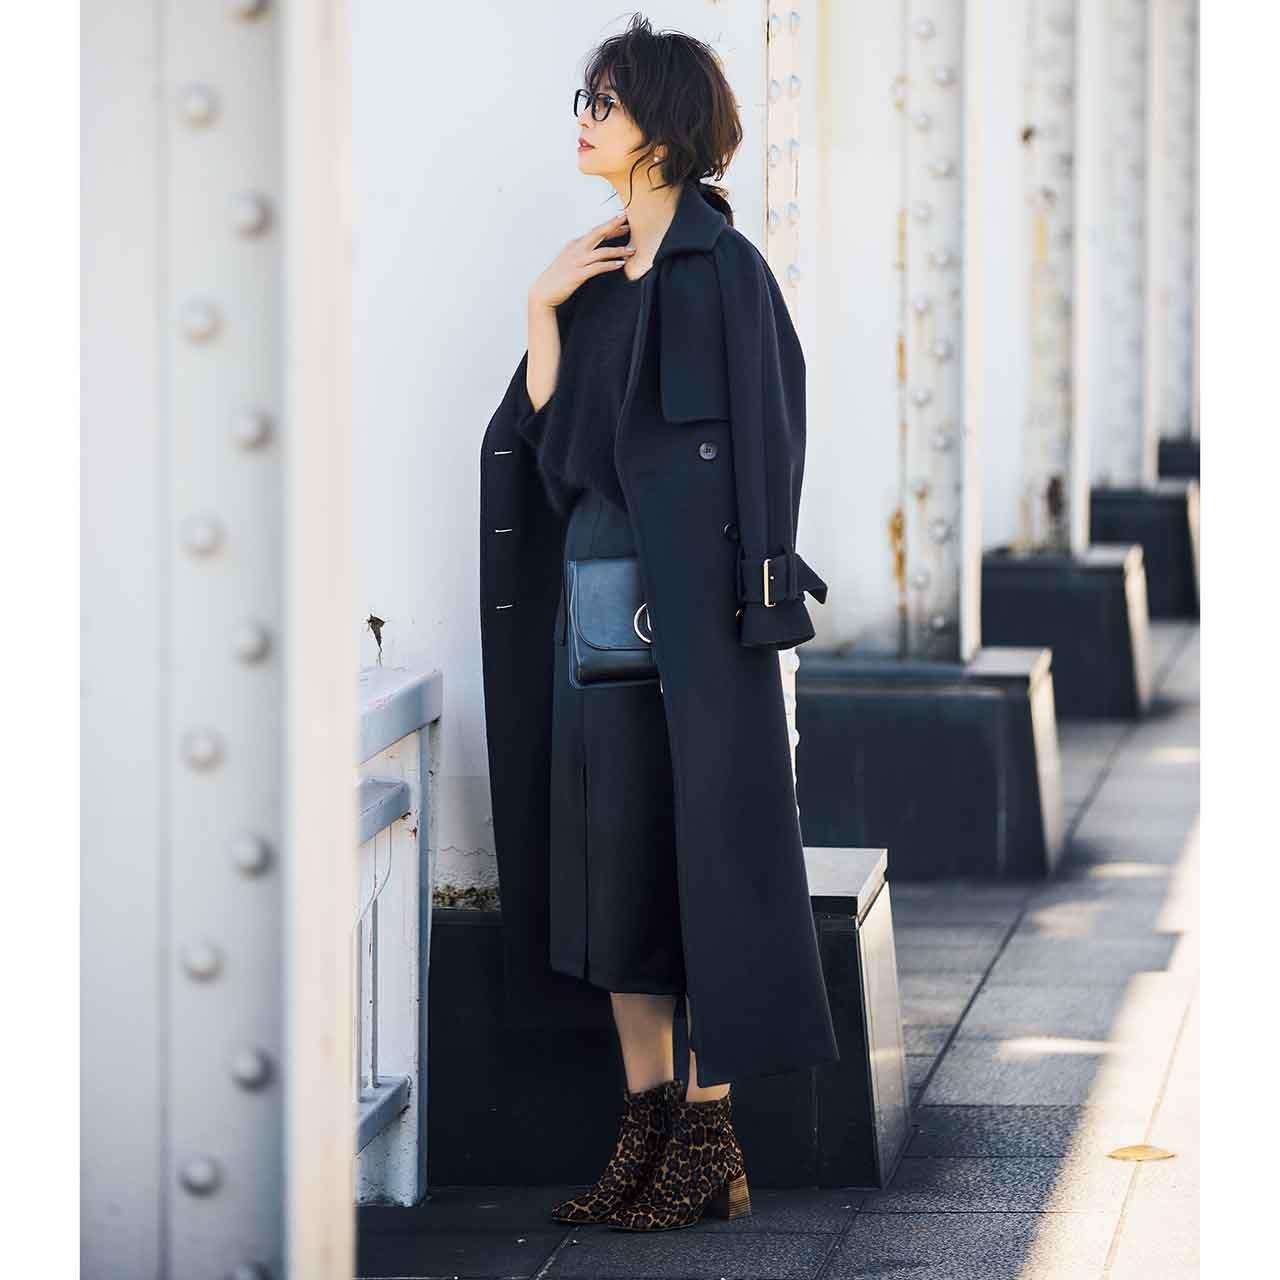 黒のロングコート✖ニットコーデを着たモデルの五明祐子さん